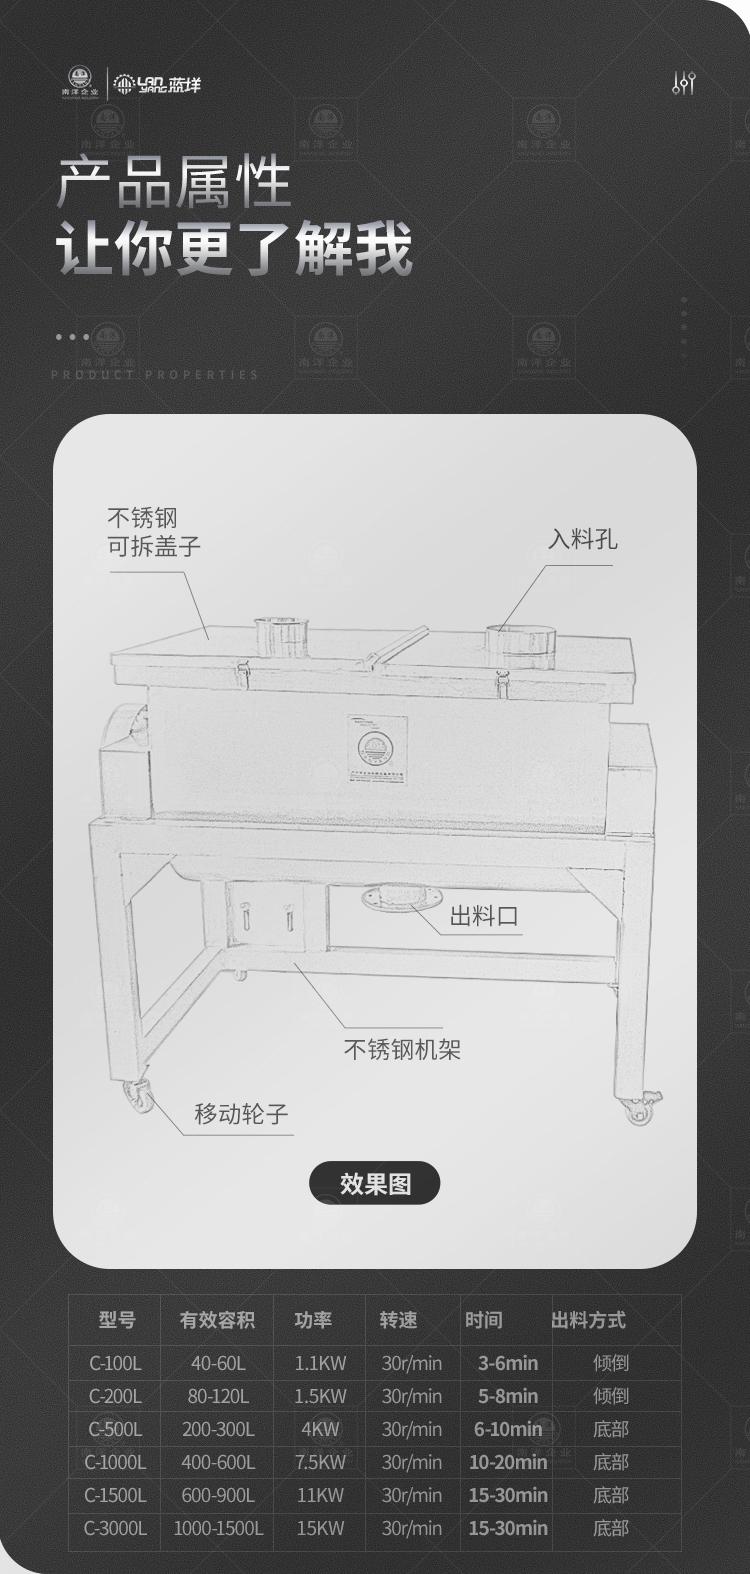 南洋混合机-移动槽型_02.jpg